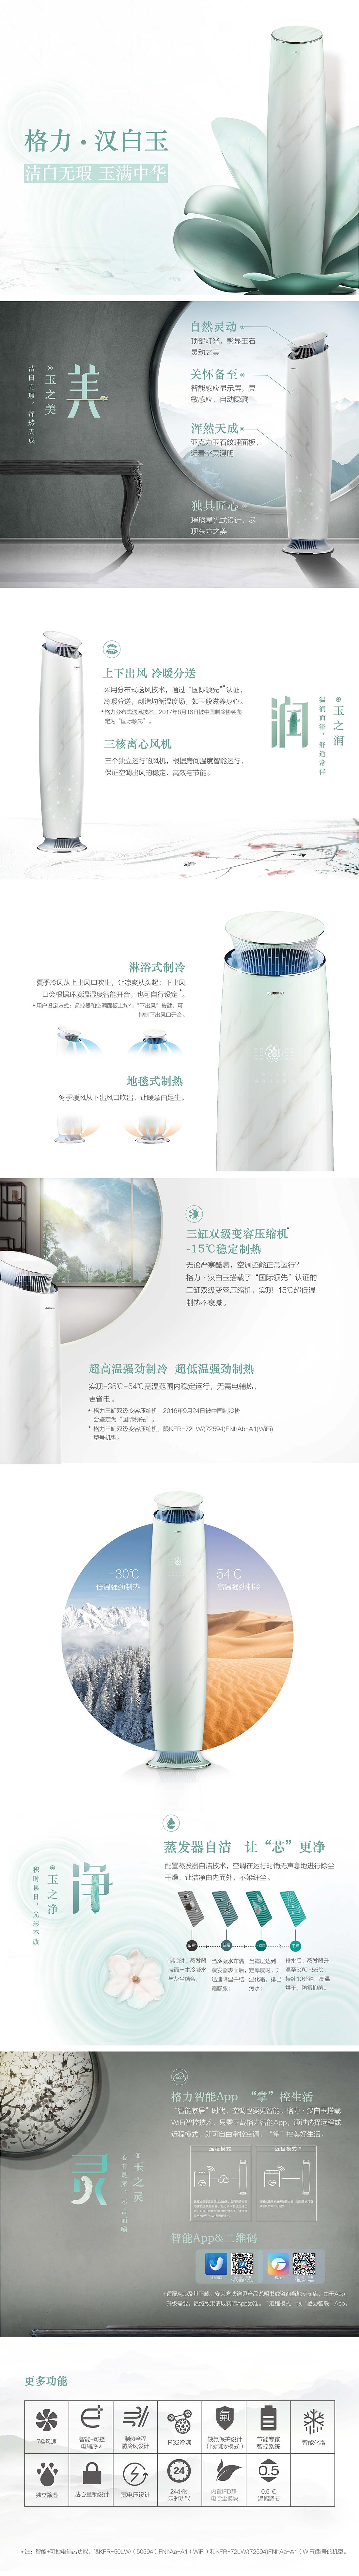 格力·汉白玉|柜式空调-上海谷冬实业有限公司